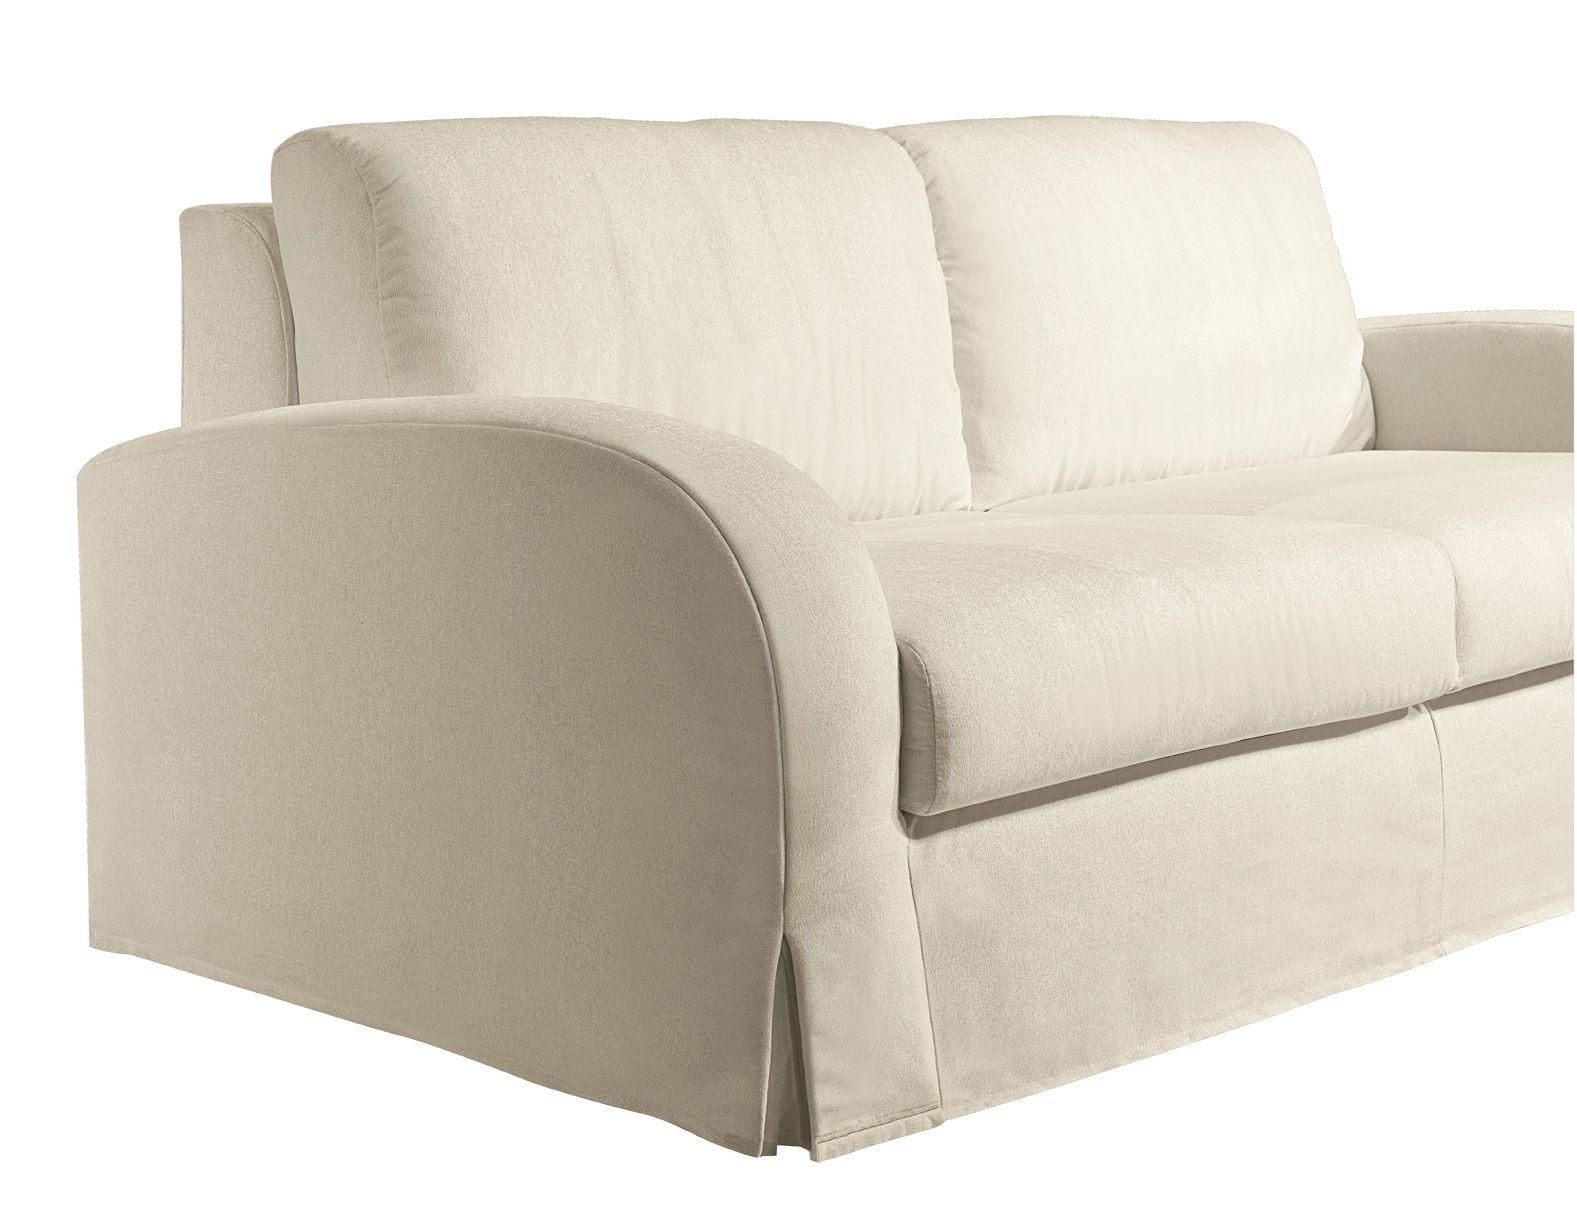 Sof cama 2 plazas de tela simply classic by bodema for Sofa cama de 2 plazas